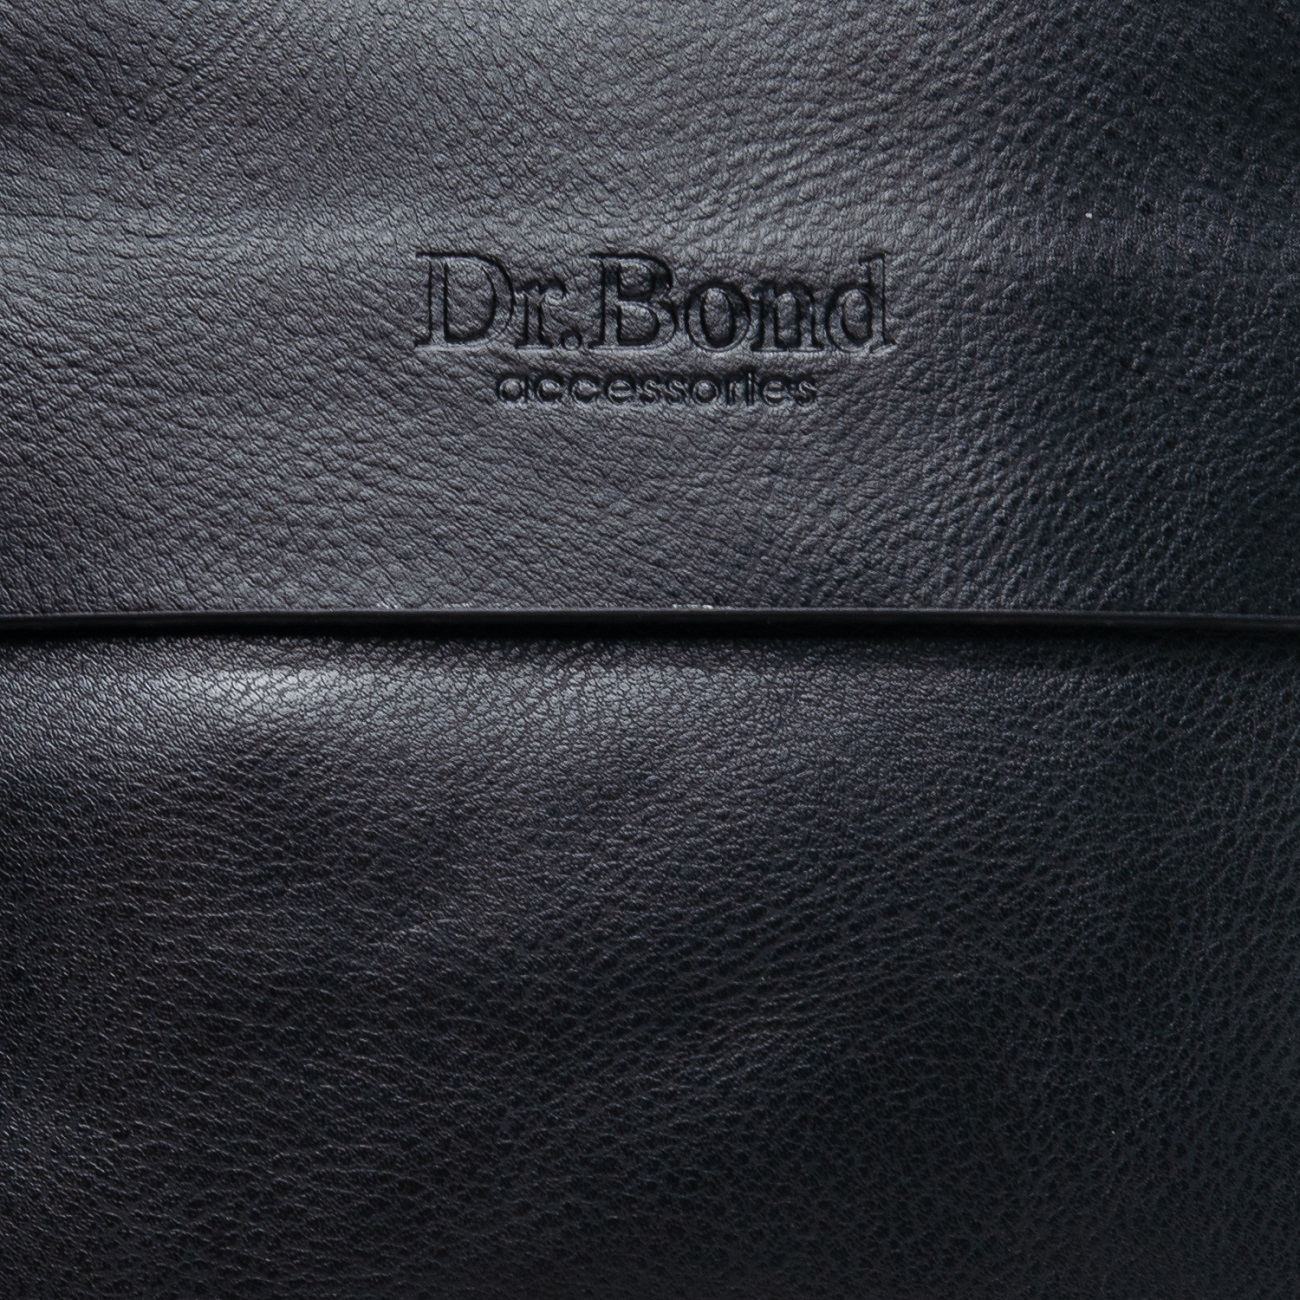 Сумка Мужская Планшет иск-кожа DR. BOND GL 304-3 black - фото 3